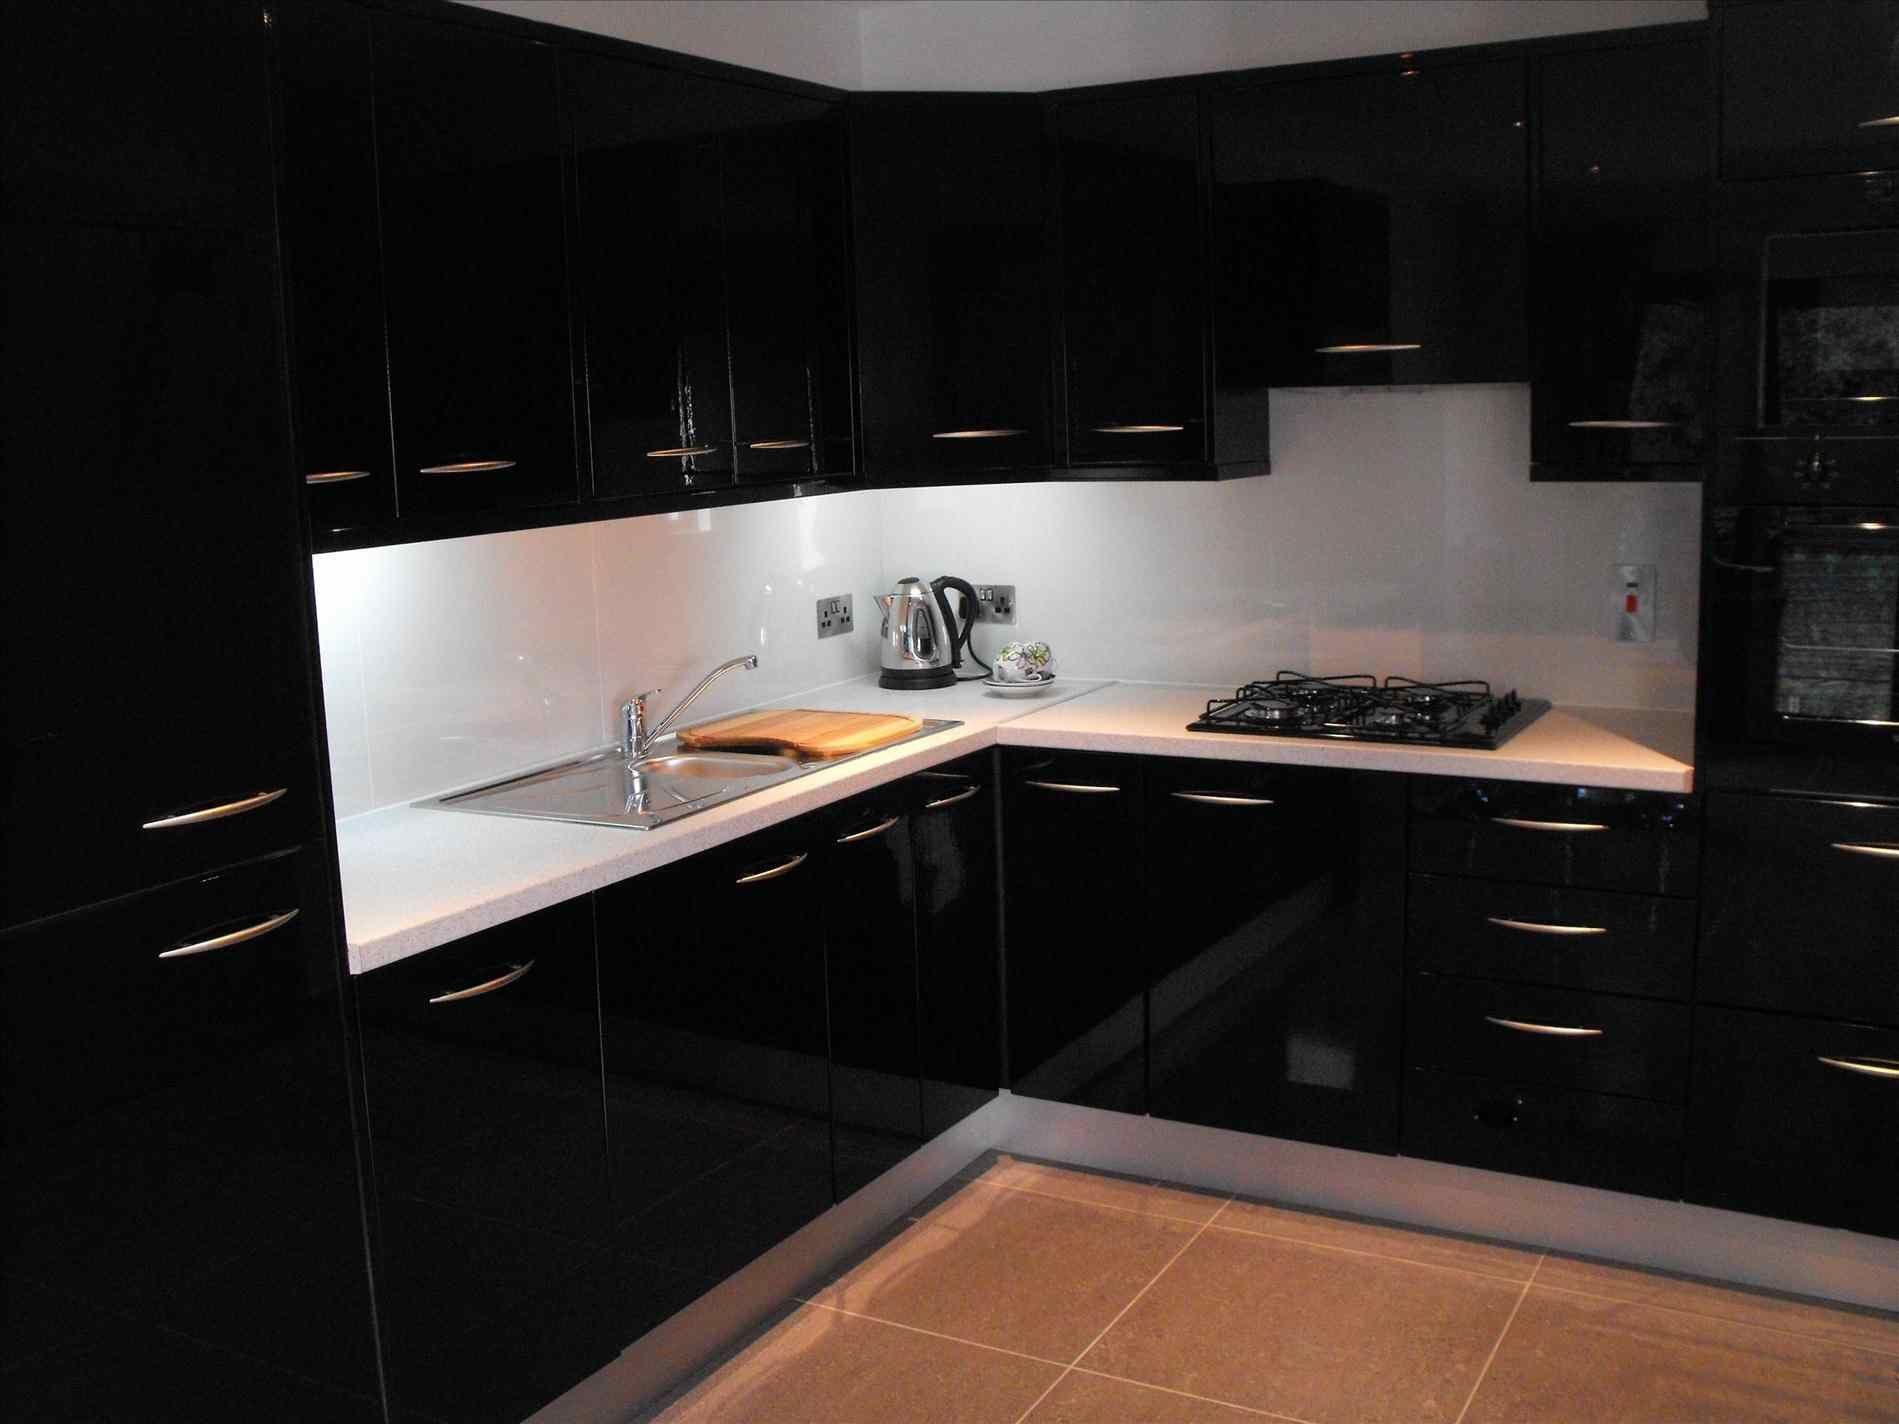 36 Gorgeous Black Kitchen Cabinet Design Ideas You Will Love Cocinas De Casa Diseno Cocinas Modernas Cocinas Integrales Modernas Pequenas